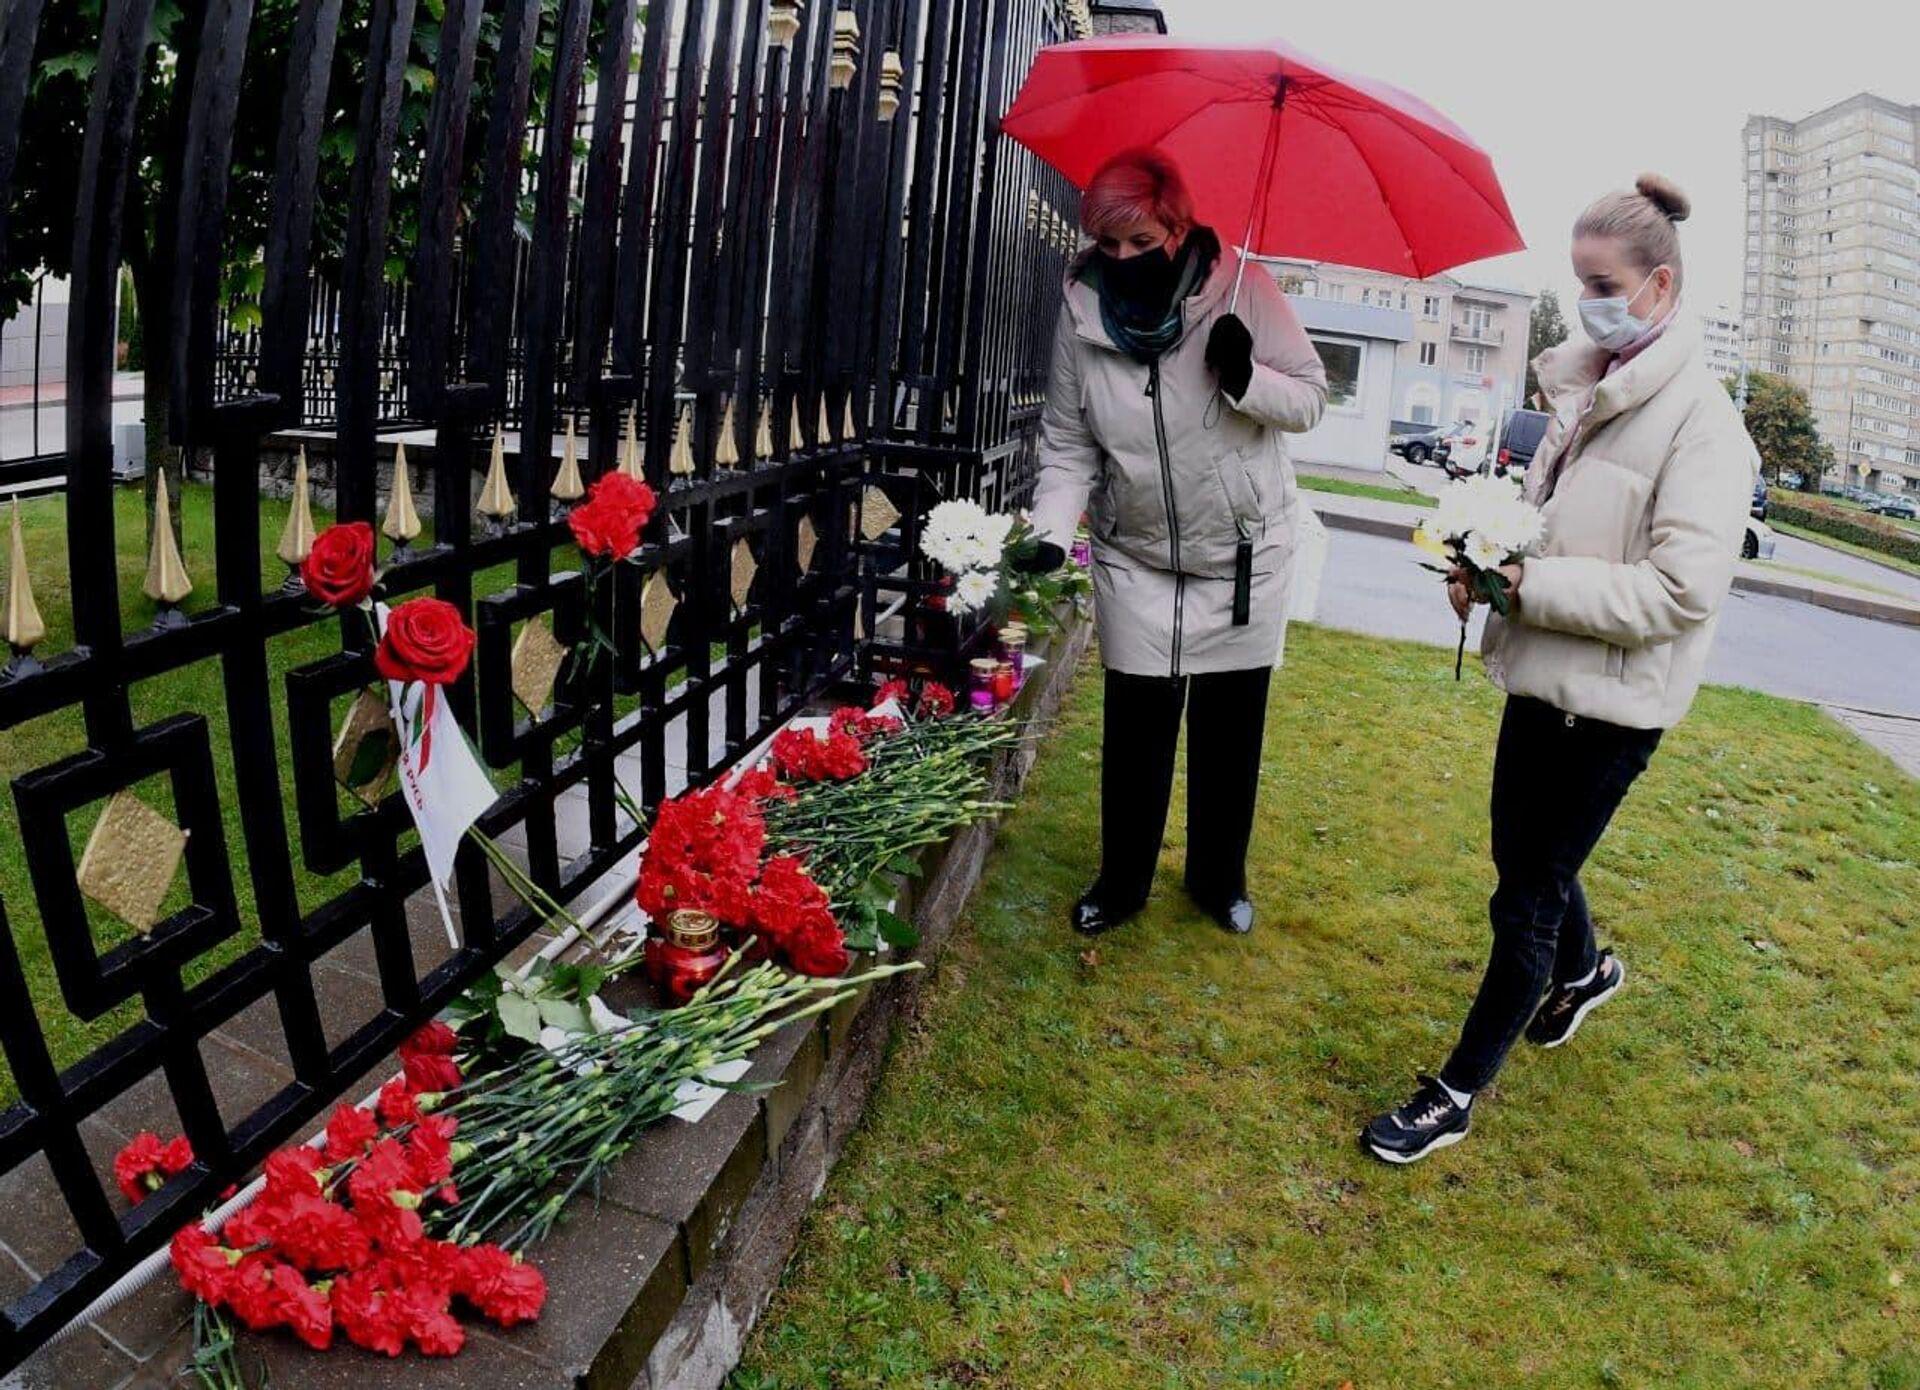 Минчане несут цветы к российскому посольству - Sputnik Беларусь, 1920, 21.09.2021